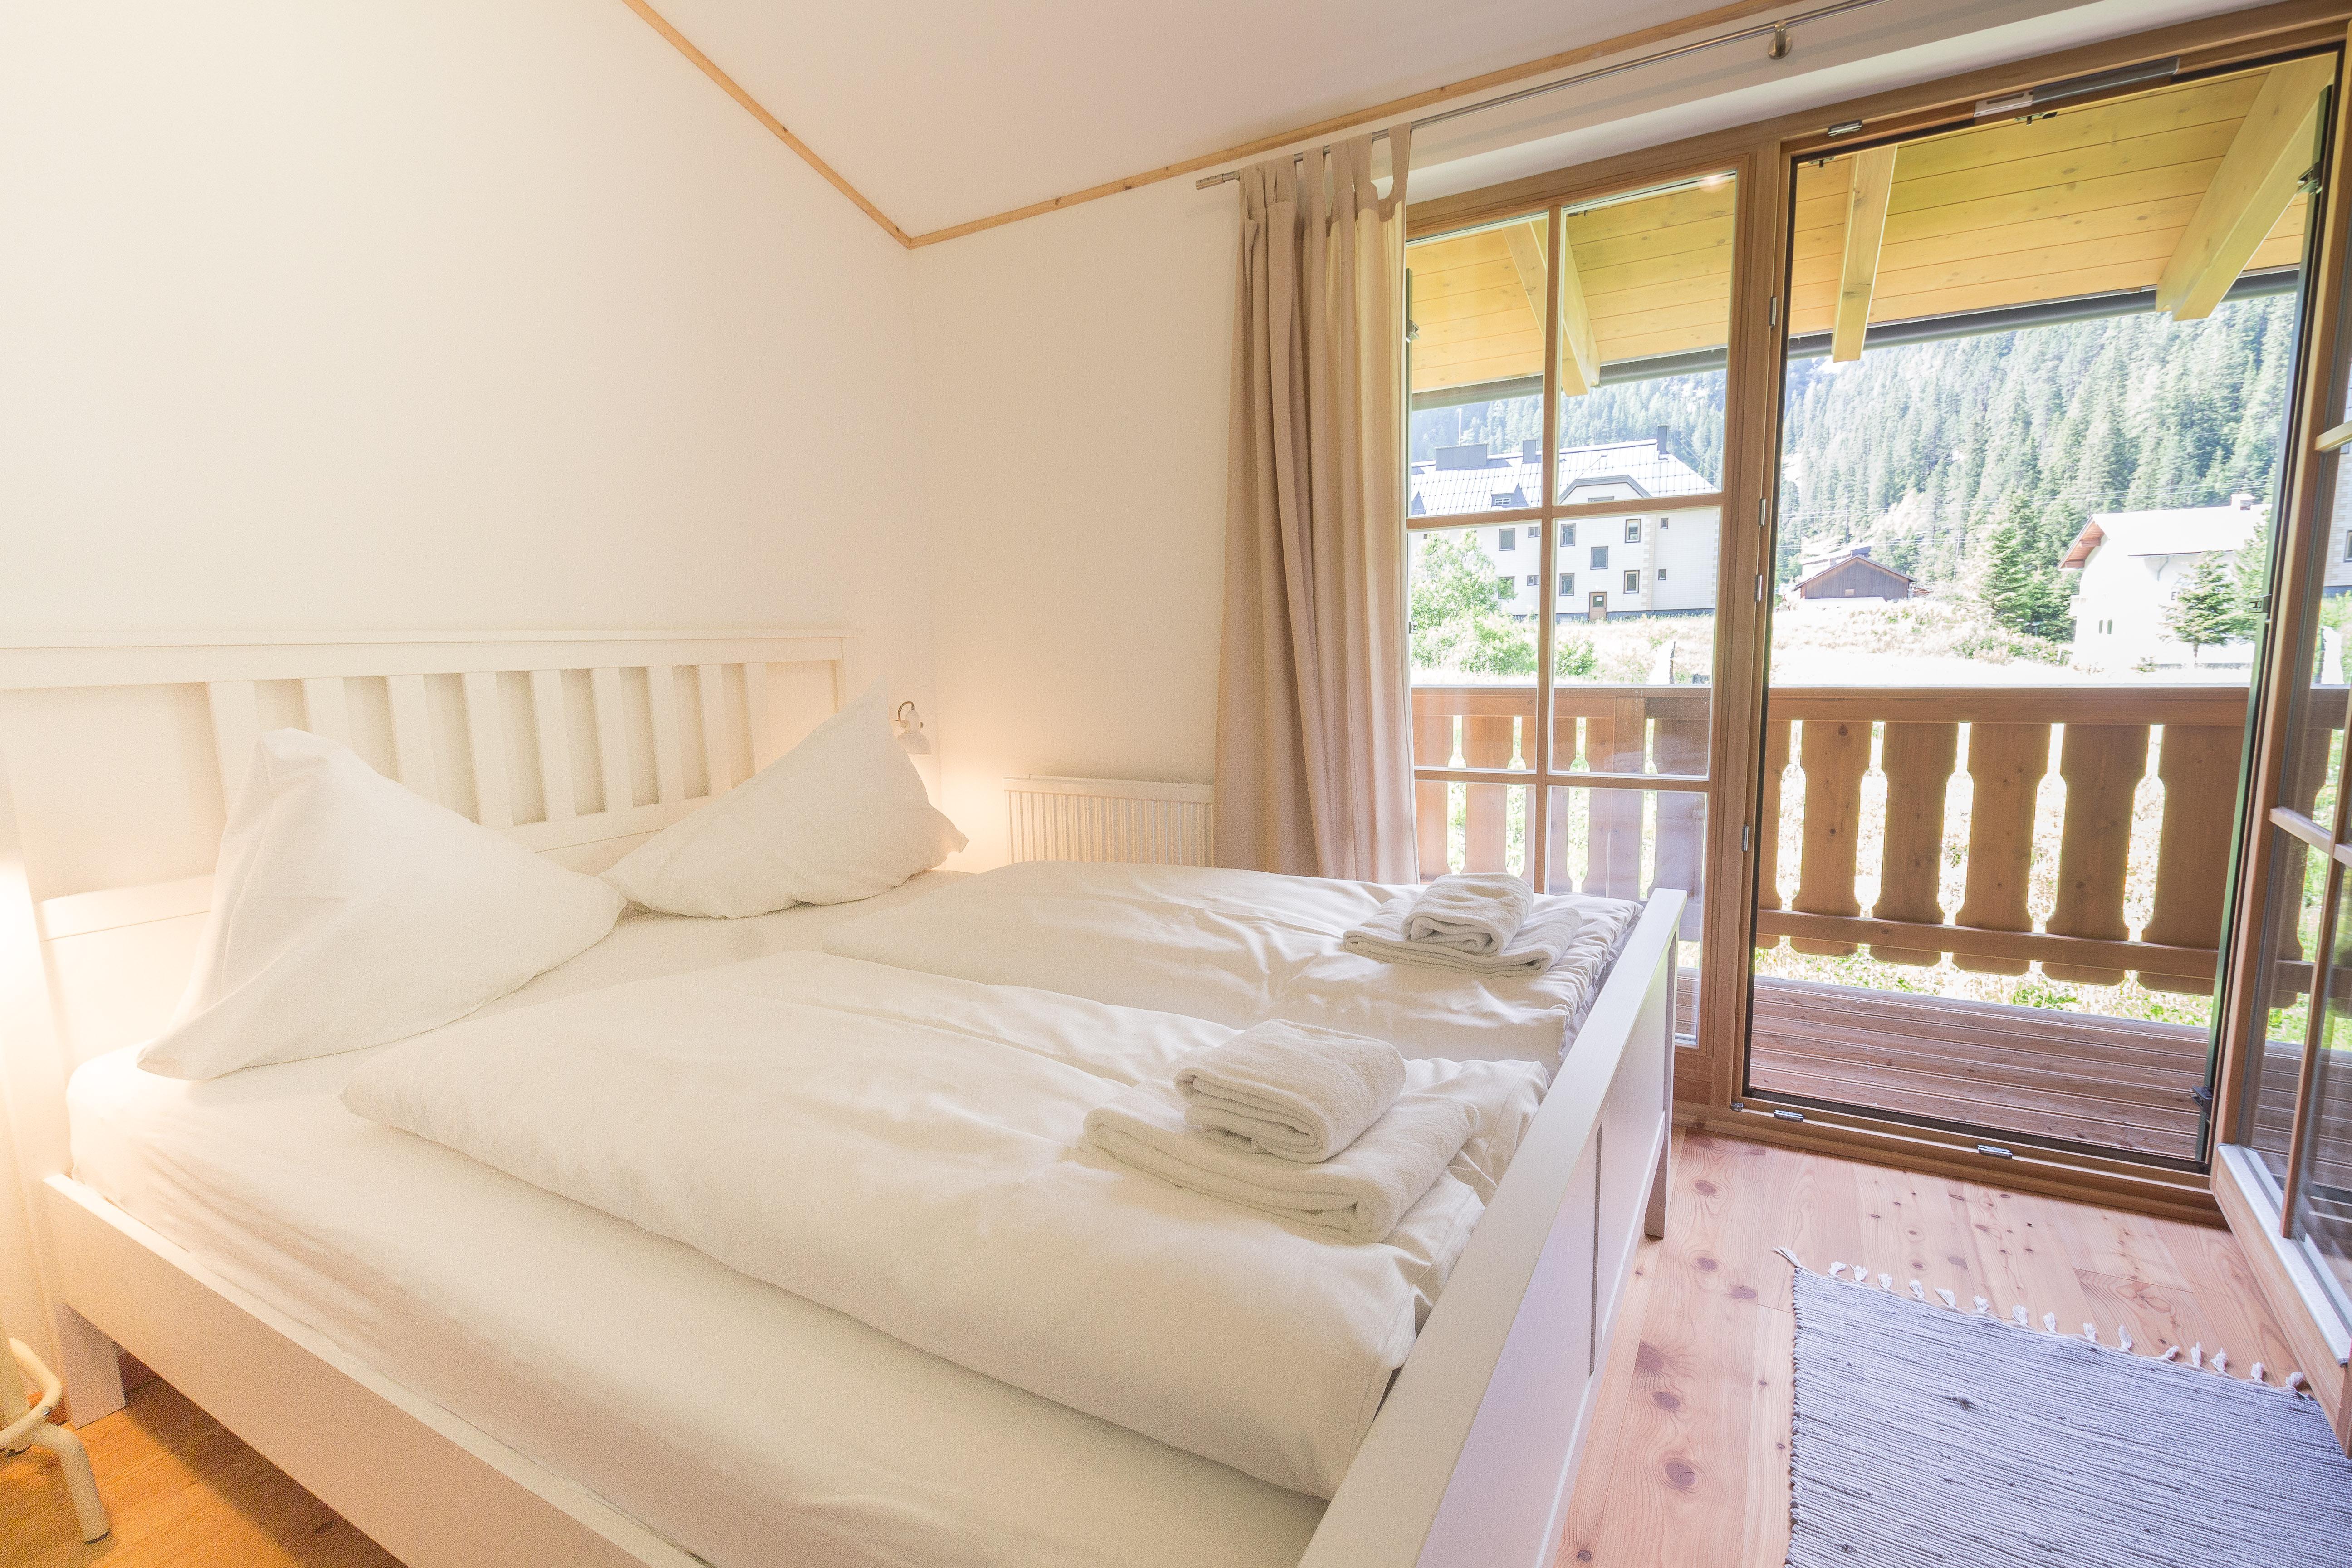 Maison de vacances Lodge Enzian direkt am Skilift (2050396), Uttendorf, Pinzgau, Salzbourg, Autriche, image 17